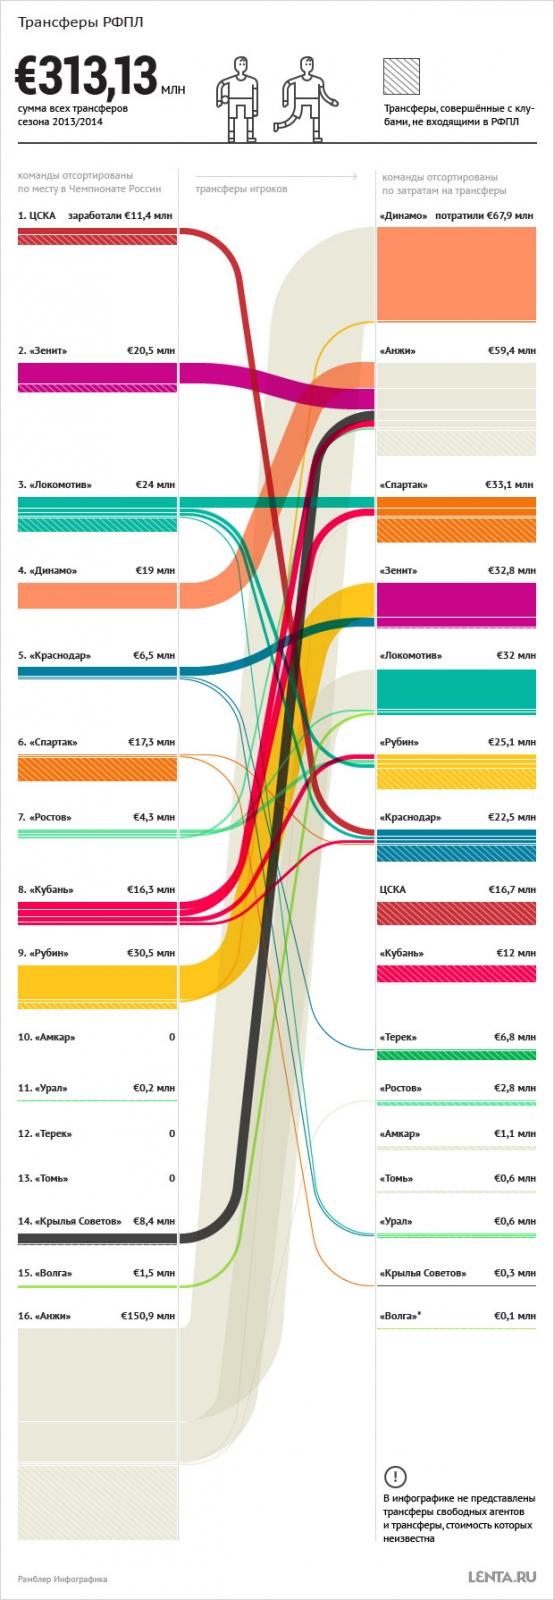 Сколько денег потратили российские клубы за сезон